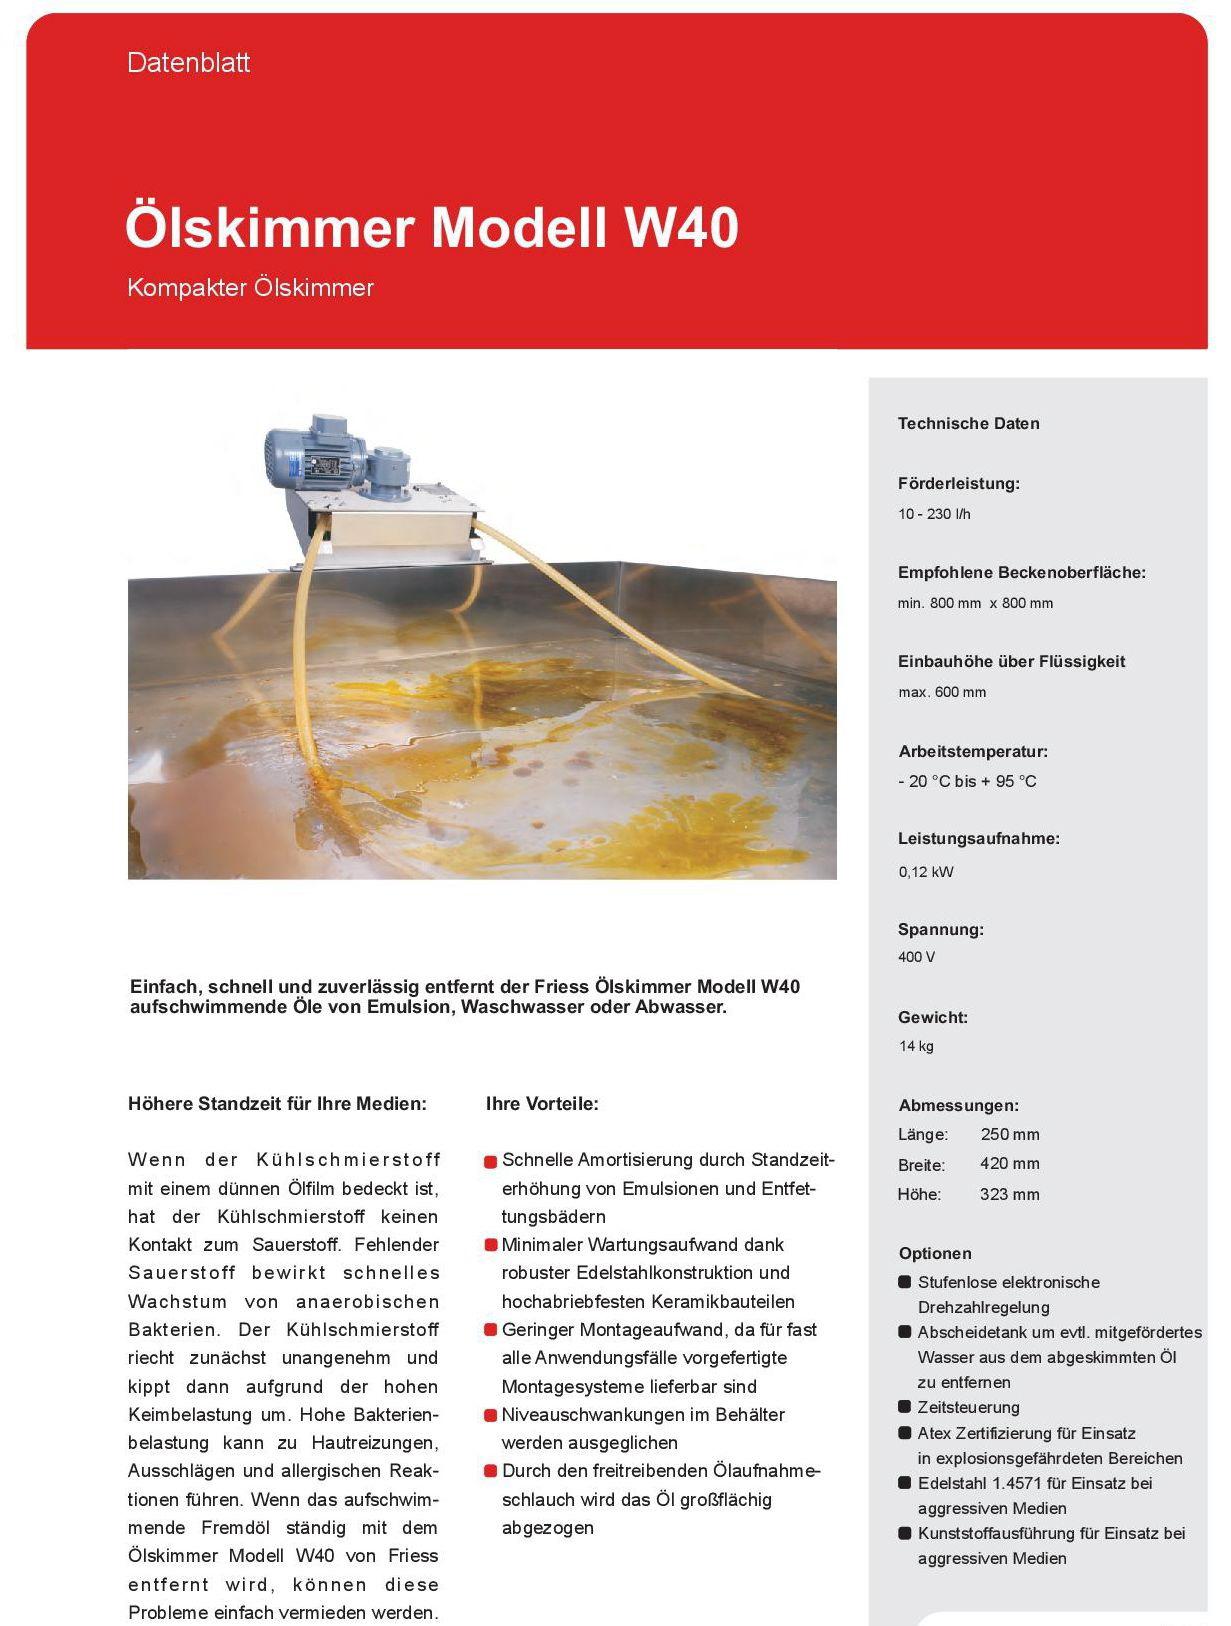 Datenblatt_-Modell-W401